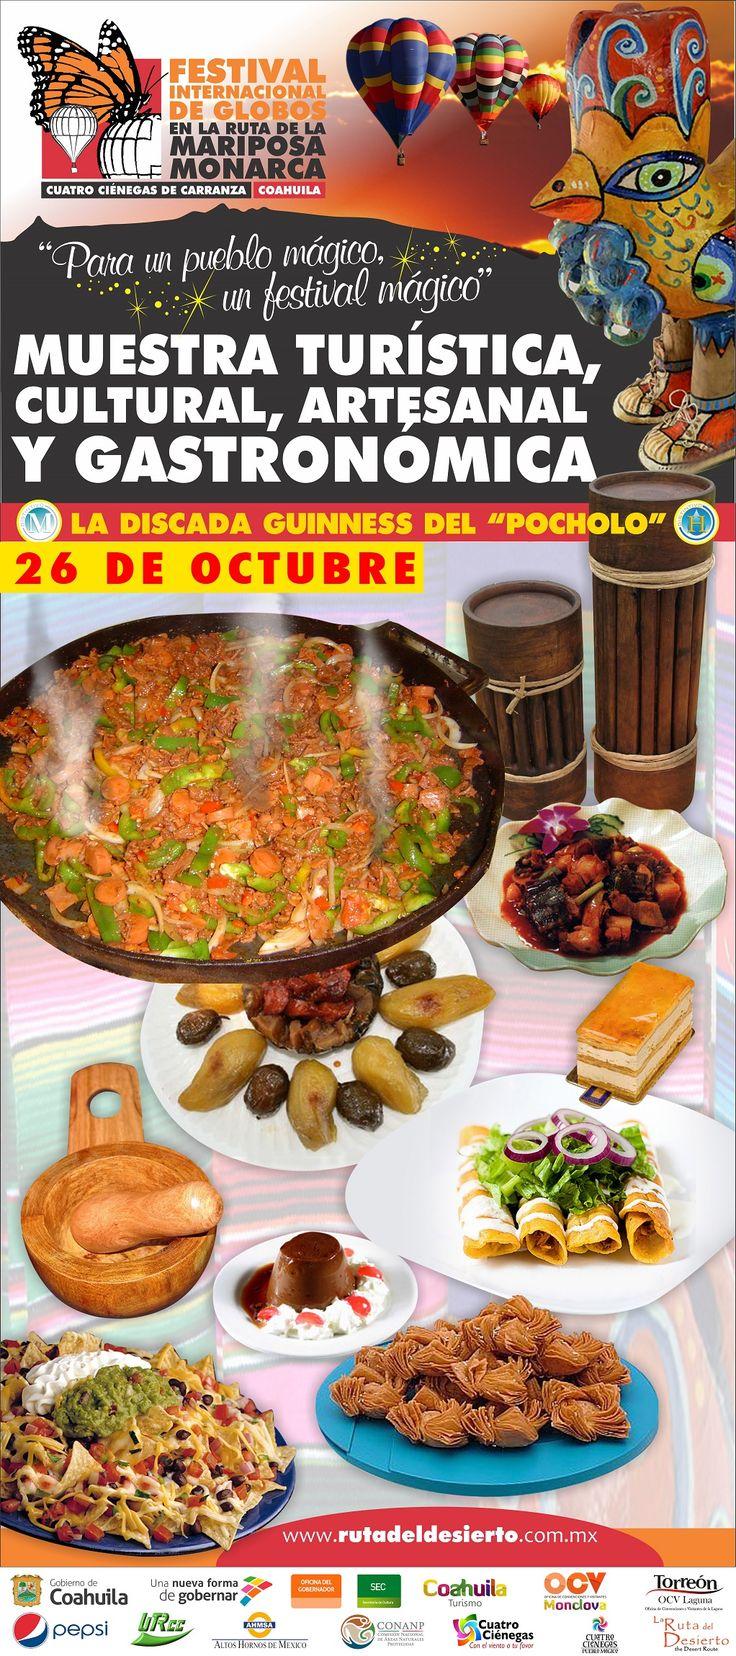 Muestra Turística, Cultural, Artesanal y Gastronómica- 26 Octubre CuatroCiénegas 4Ciénegas Coahuila -- Monclova - Saltillo - Monterrey - Turismo - México - Travel